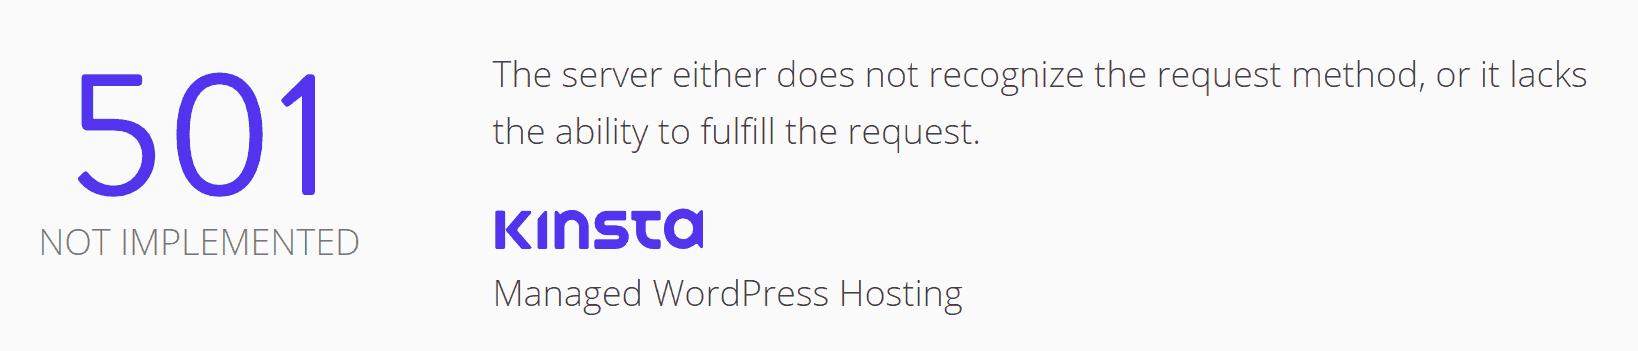 error 501 not implemented